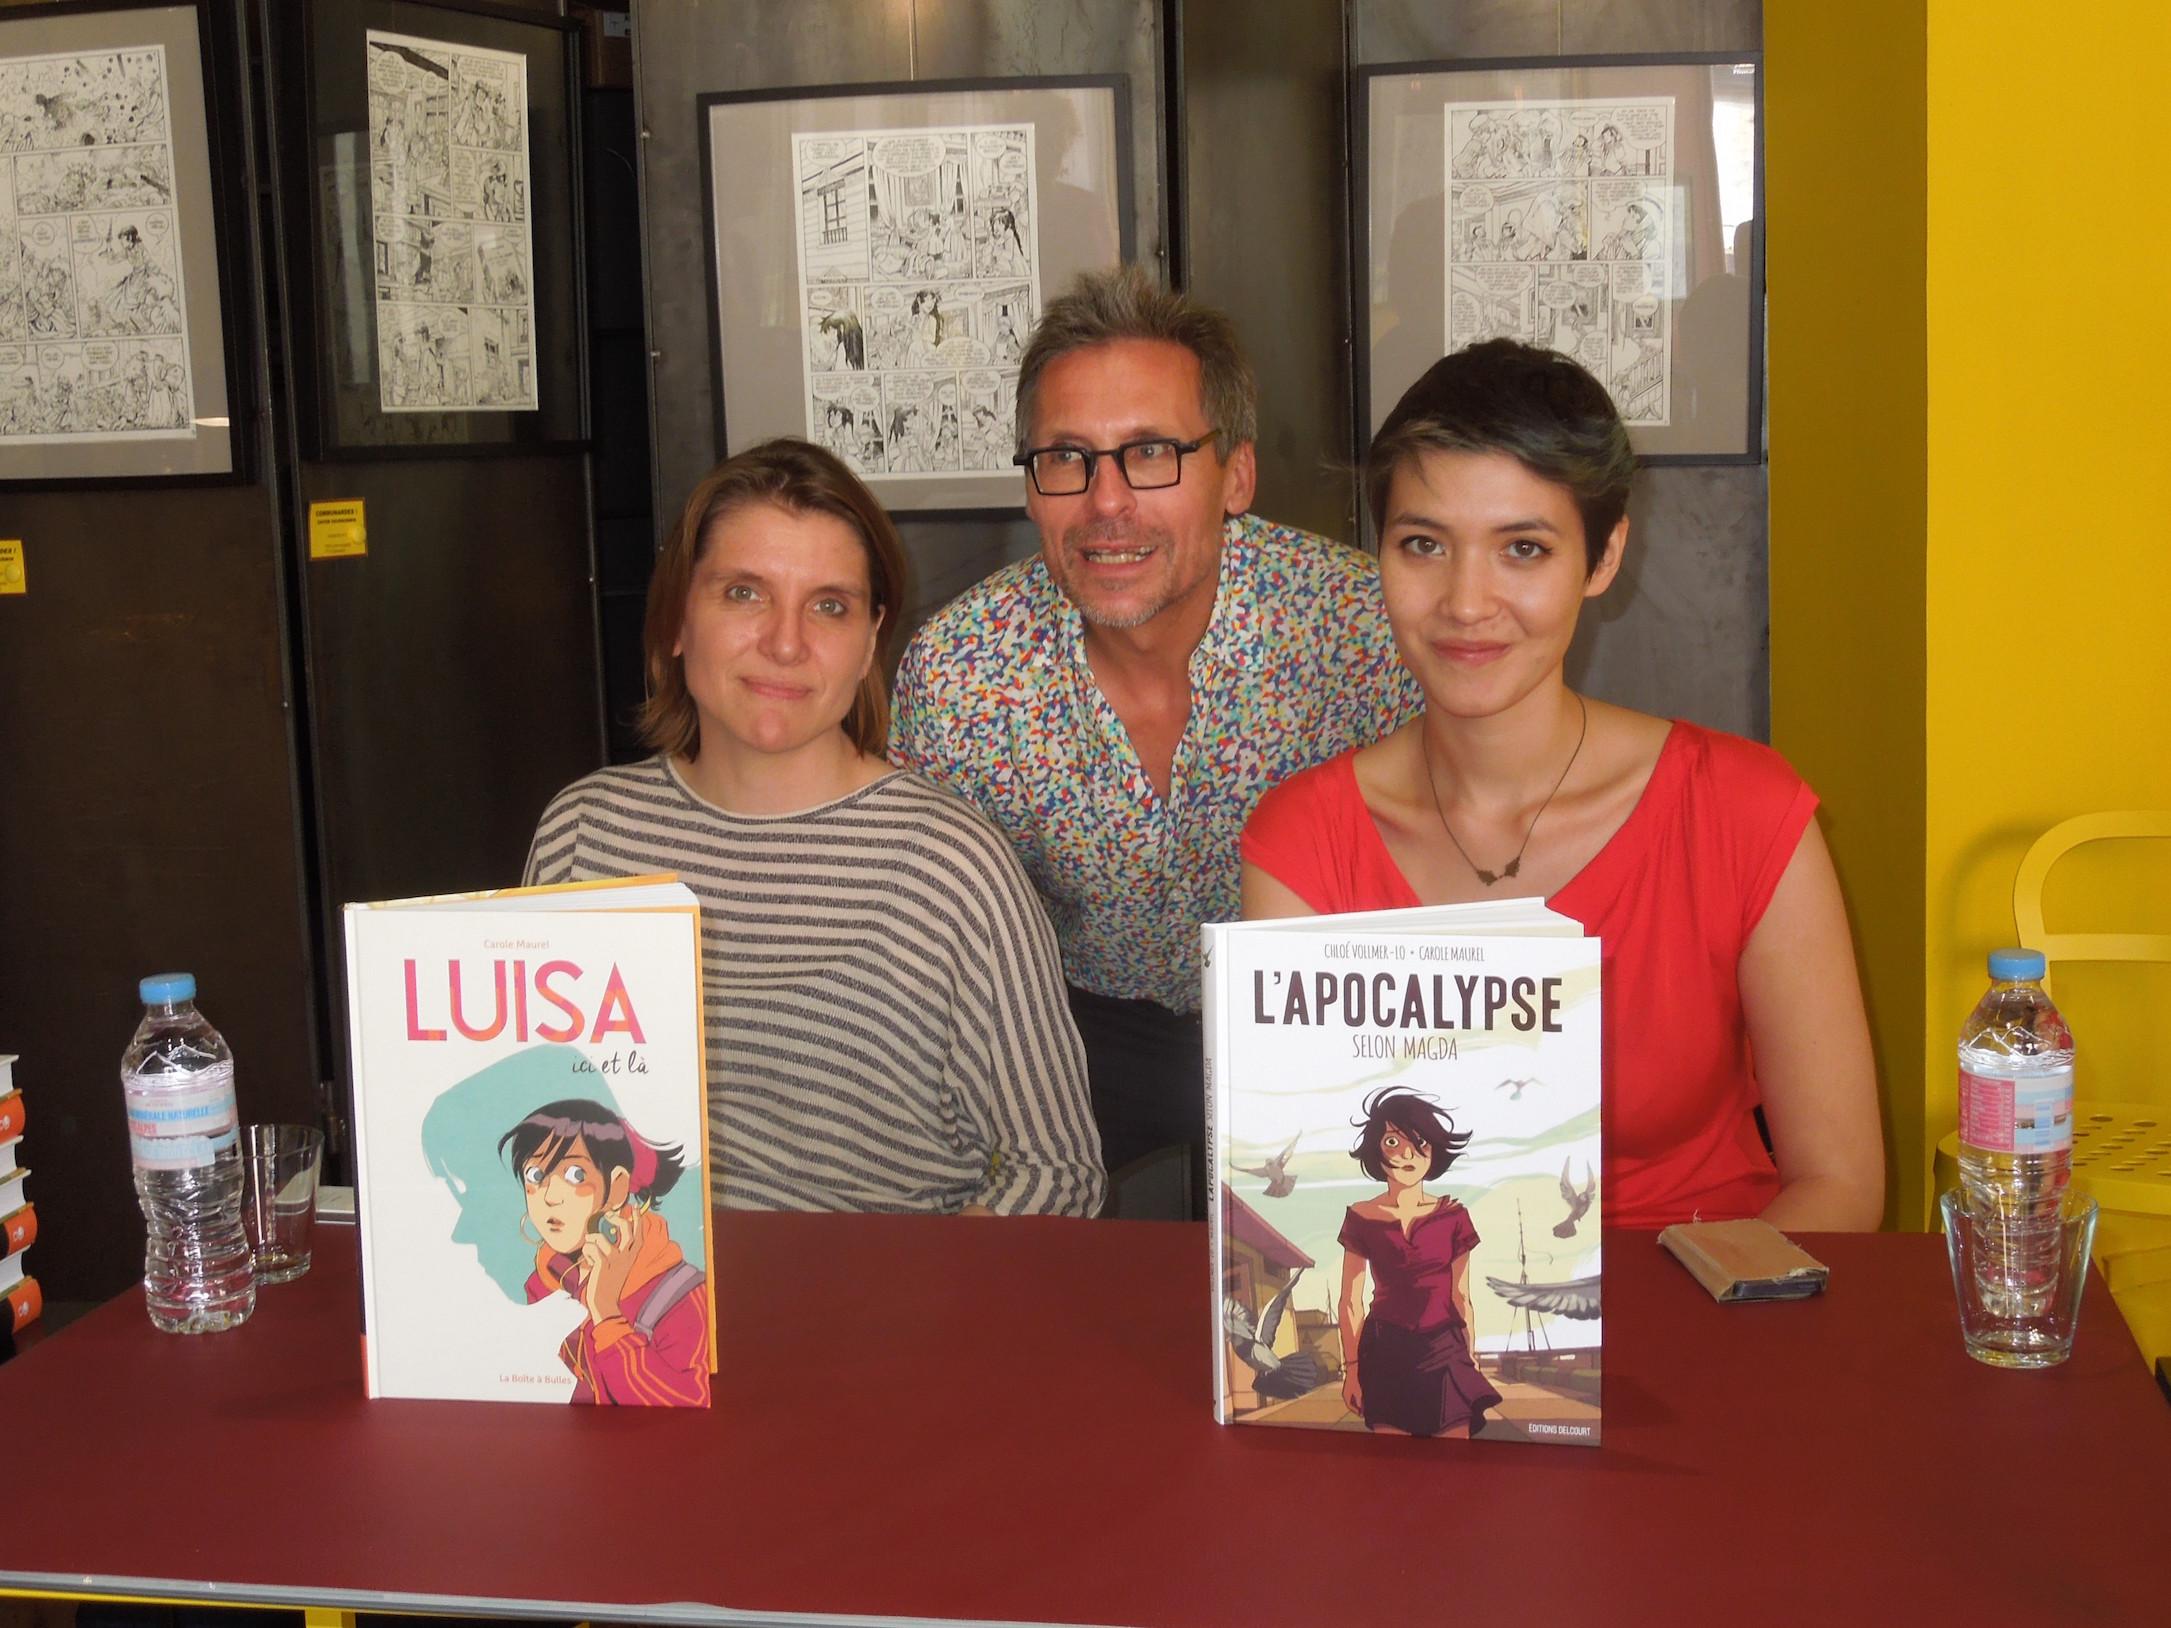 CHLOE VOLLMER pour L'apocalypse et CAROLE MAUREL pour Luisa JUILLET 2016